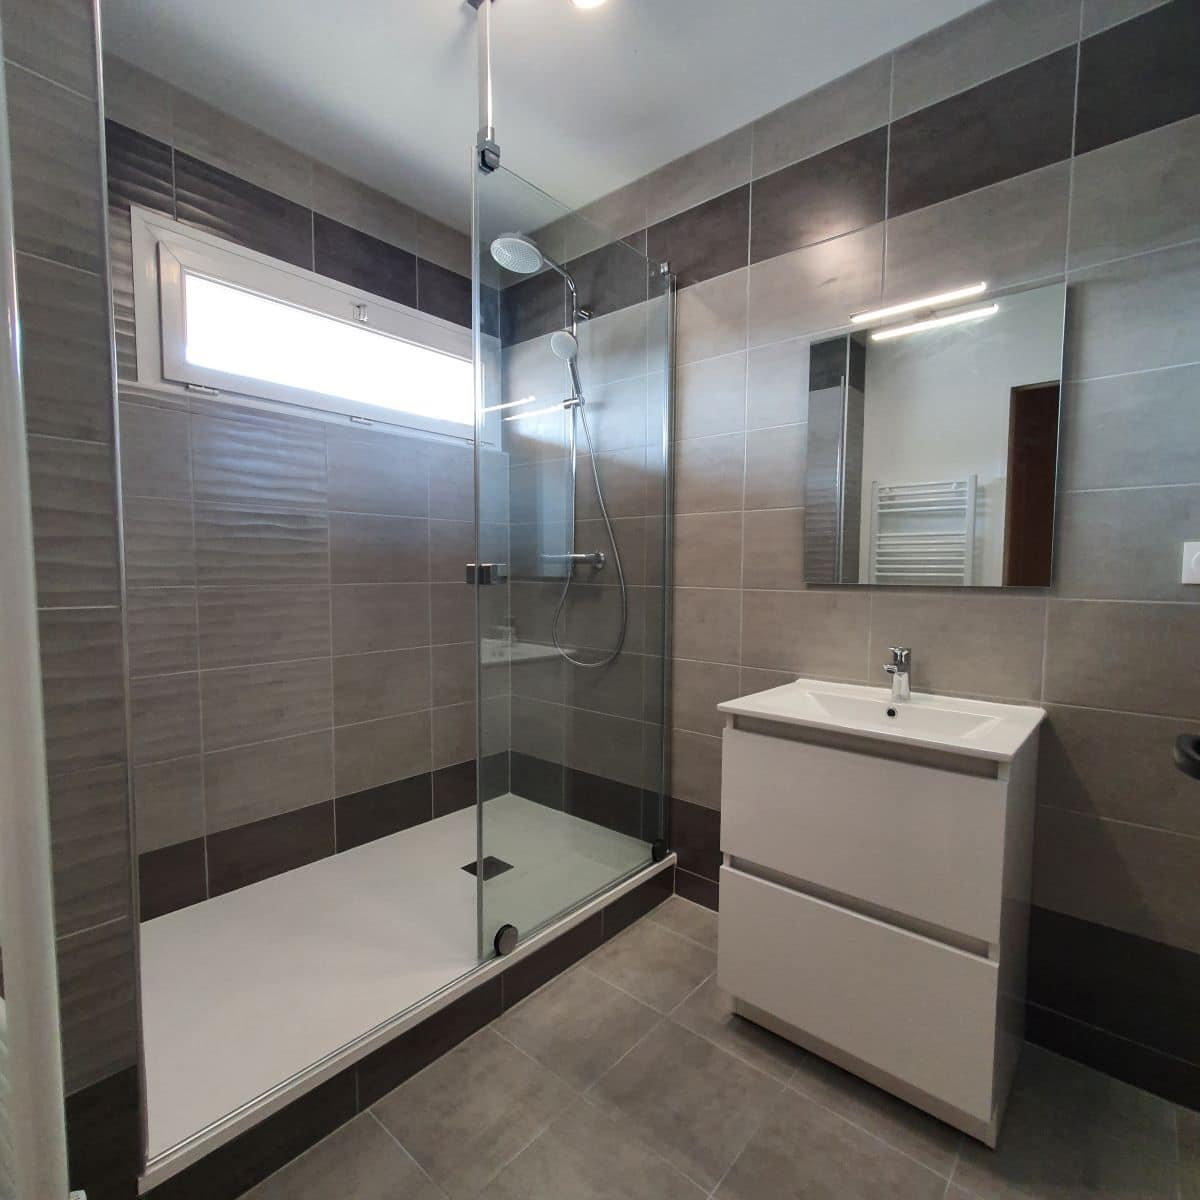 Rénovation d'une salle de bain à Bourges (18)